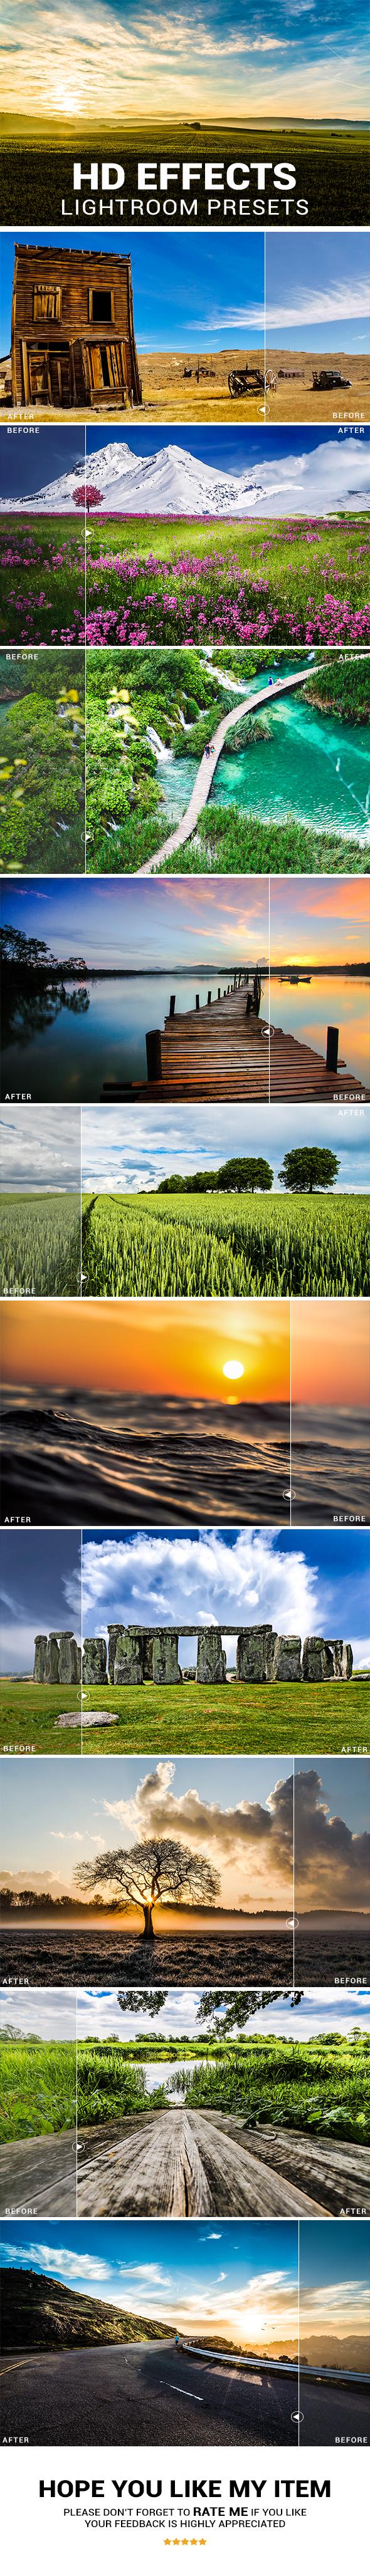 20 HD Effects Lightroom Presets - HDR Lightroom Presets